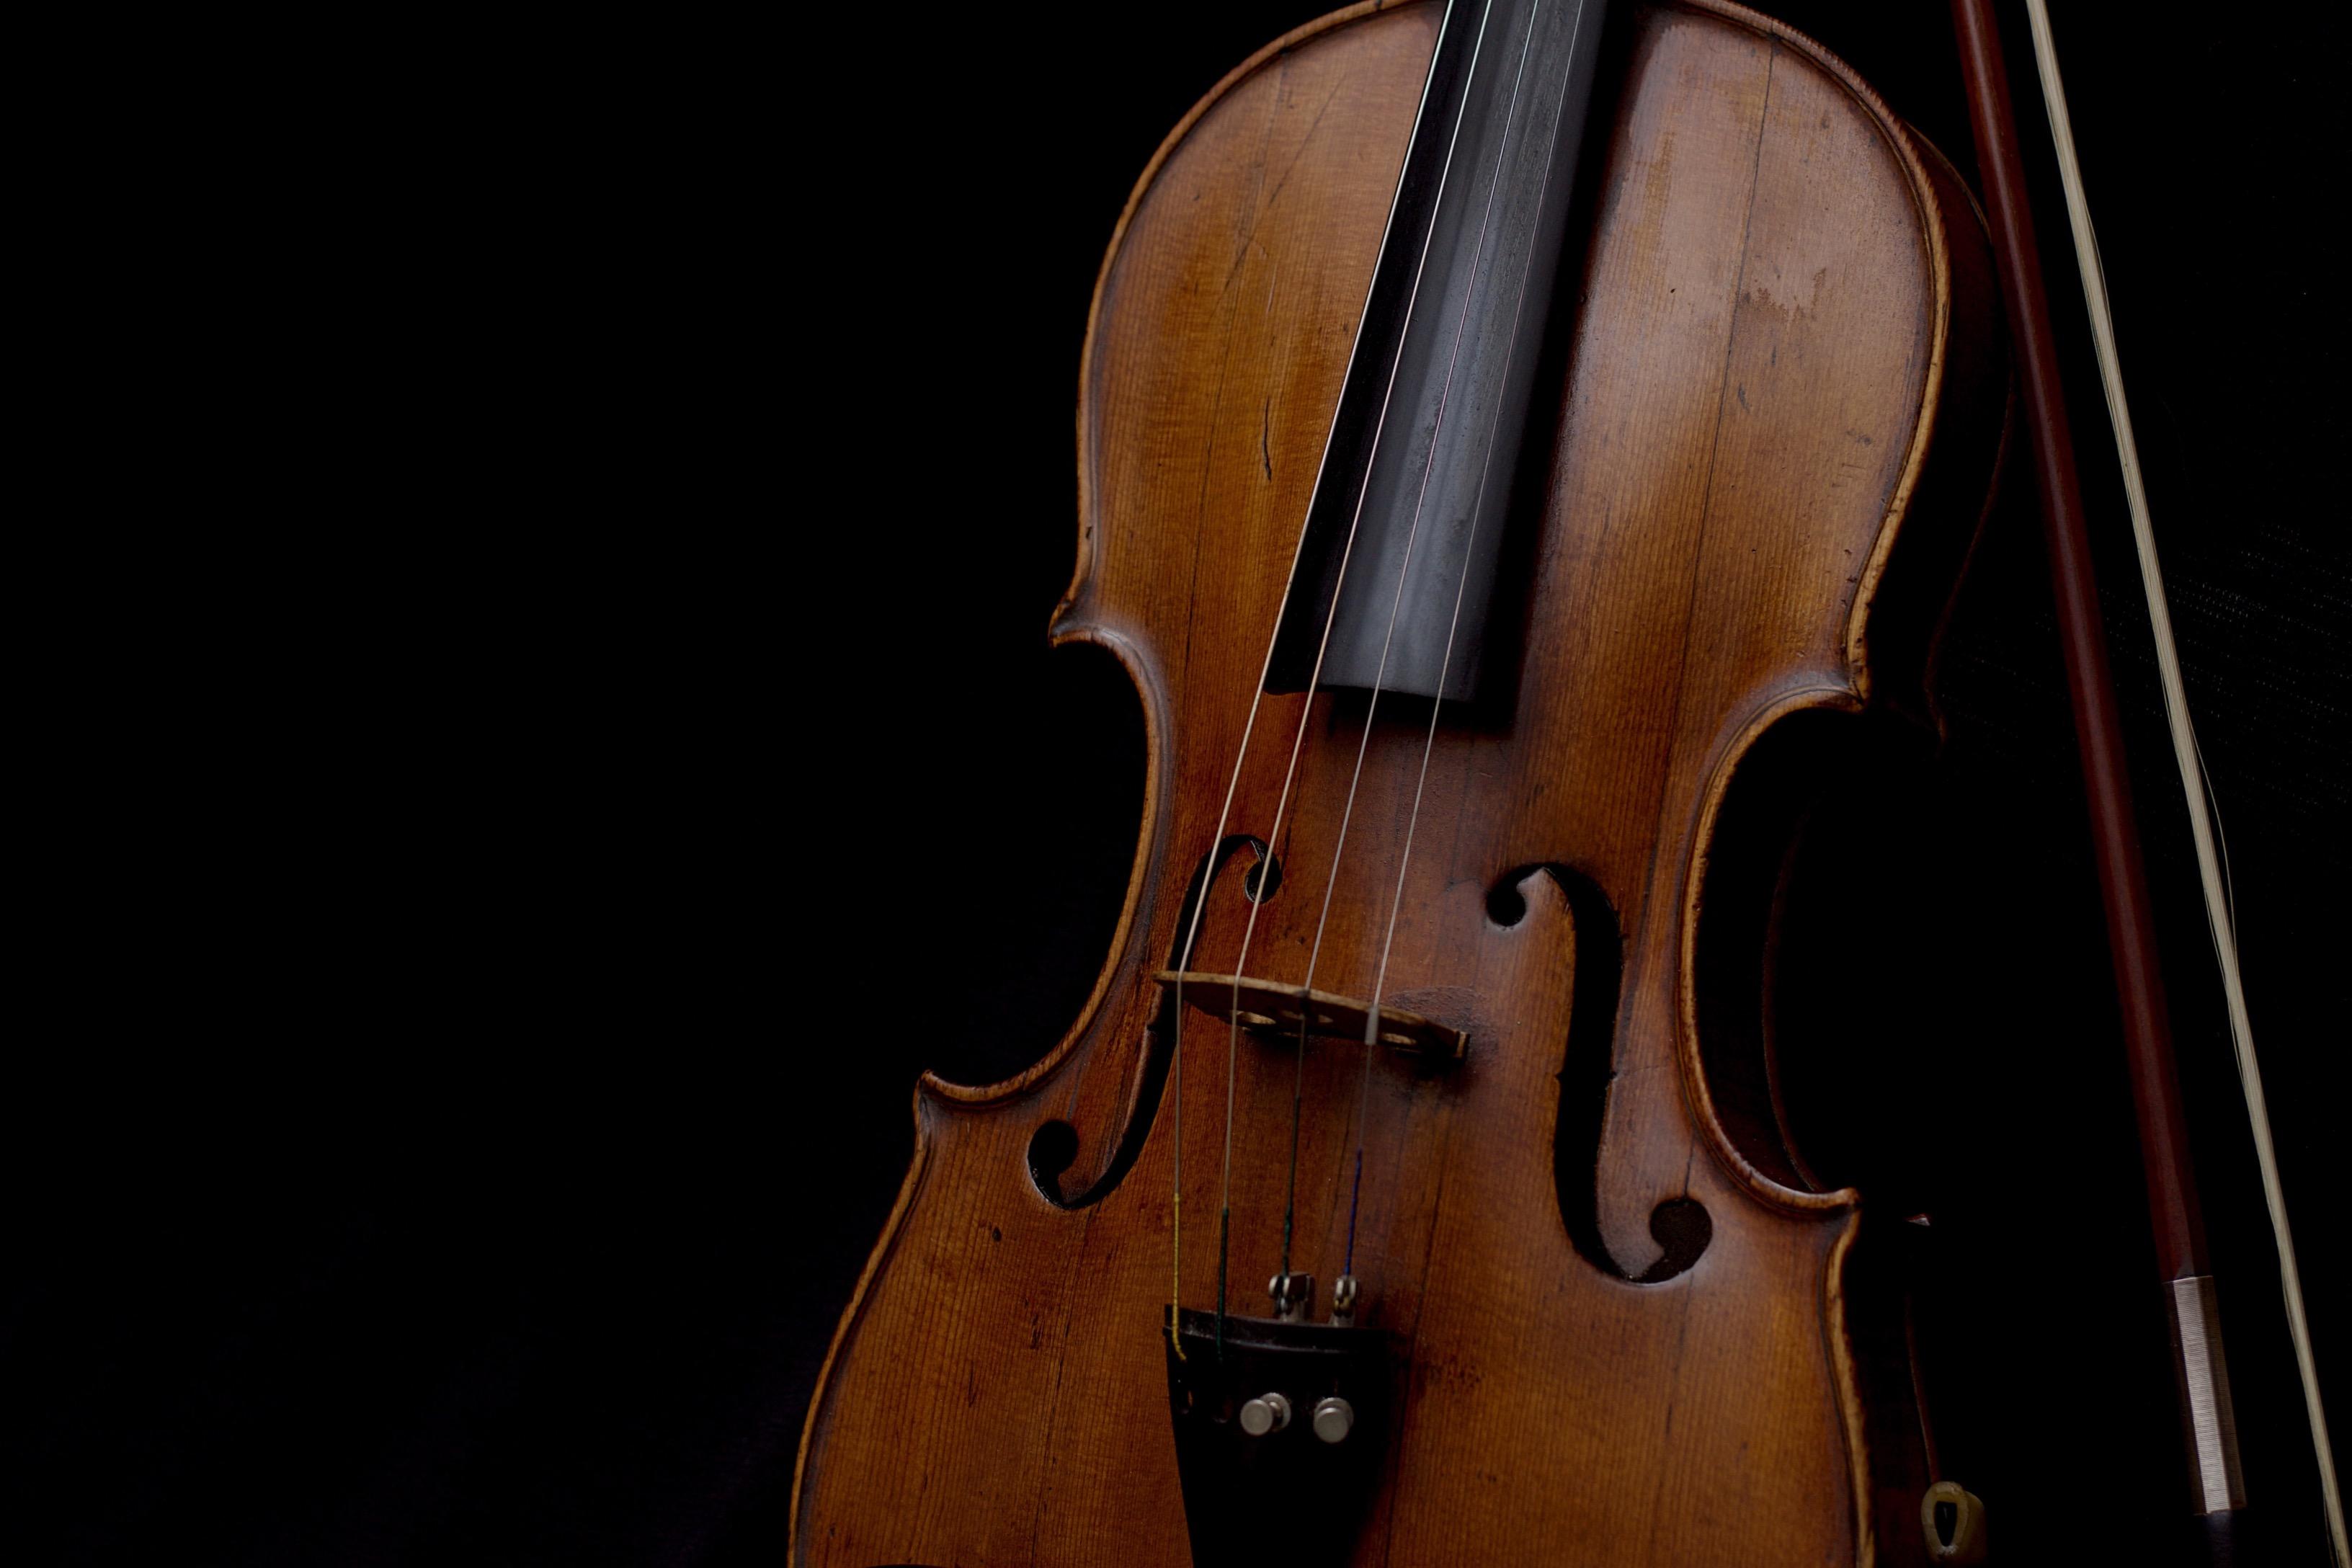 Producto: Un violín